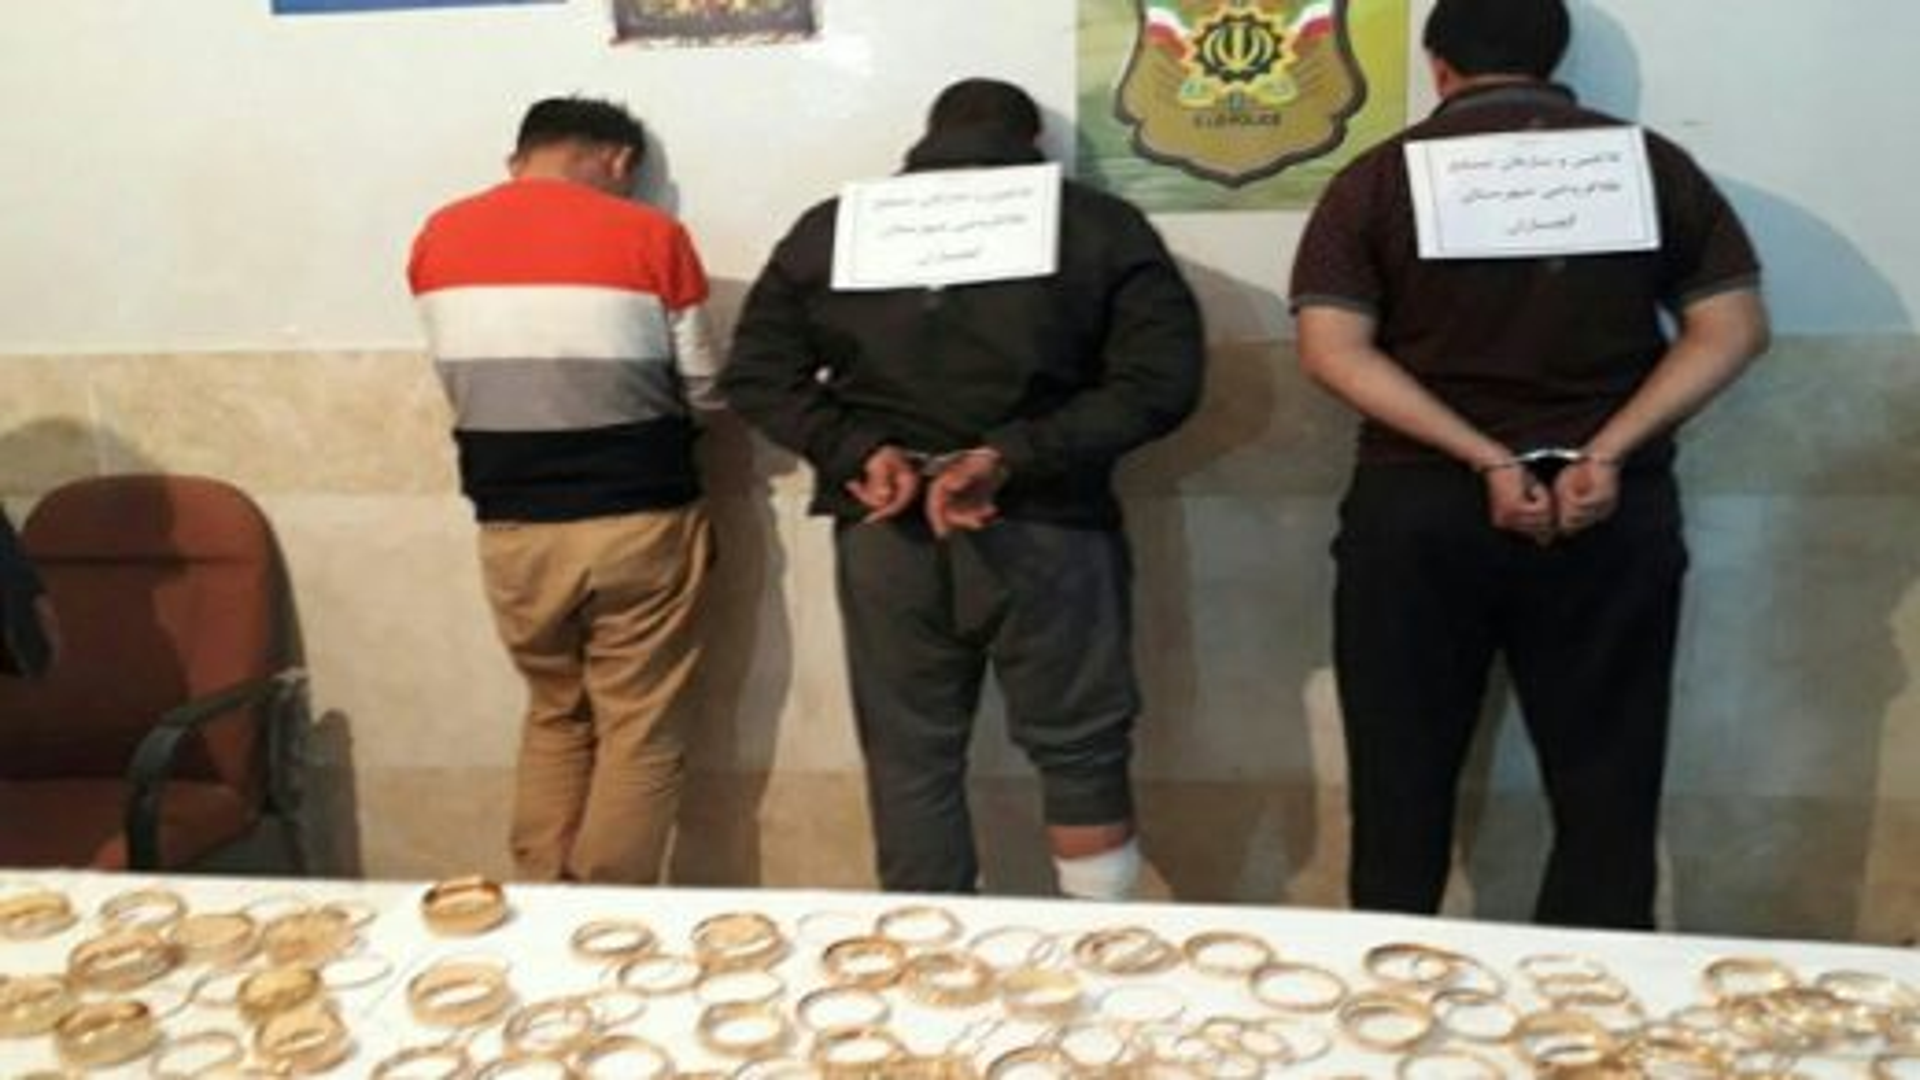 دستگیری سارقان مسلح | تگ